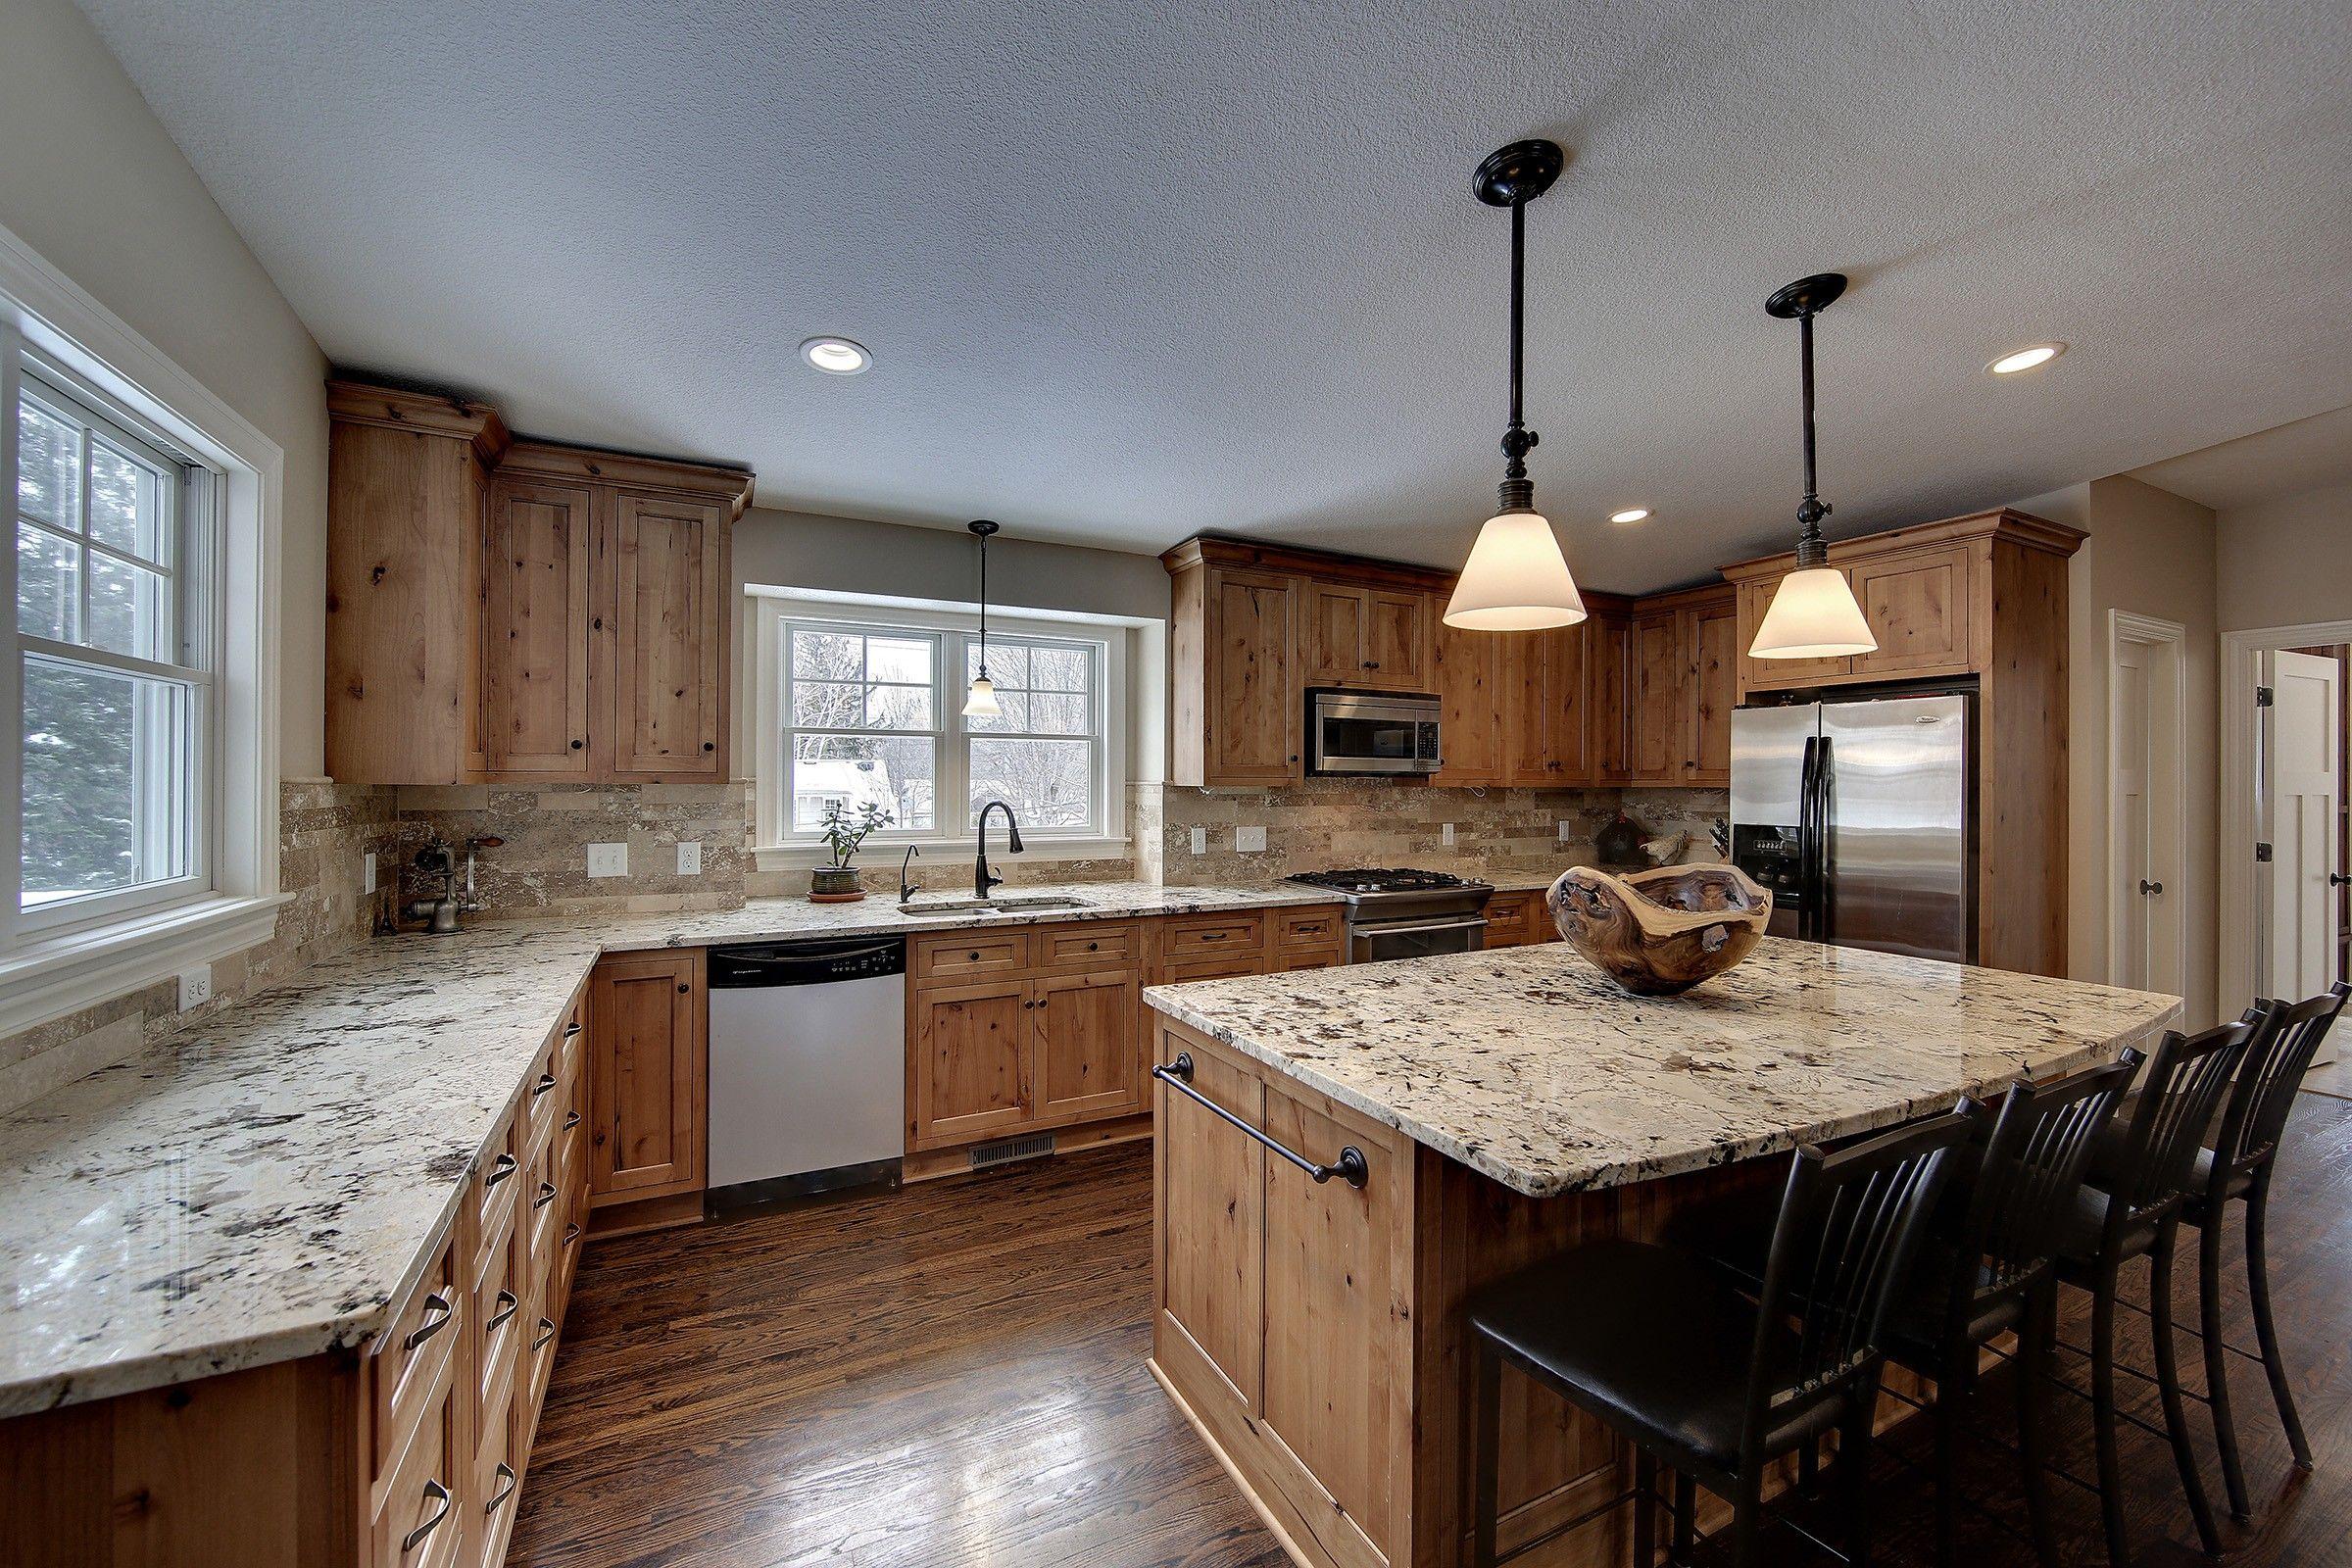 Kitchen Cabinets For Plates alaska white granite counters, alder cabinets, drawers for plates